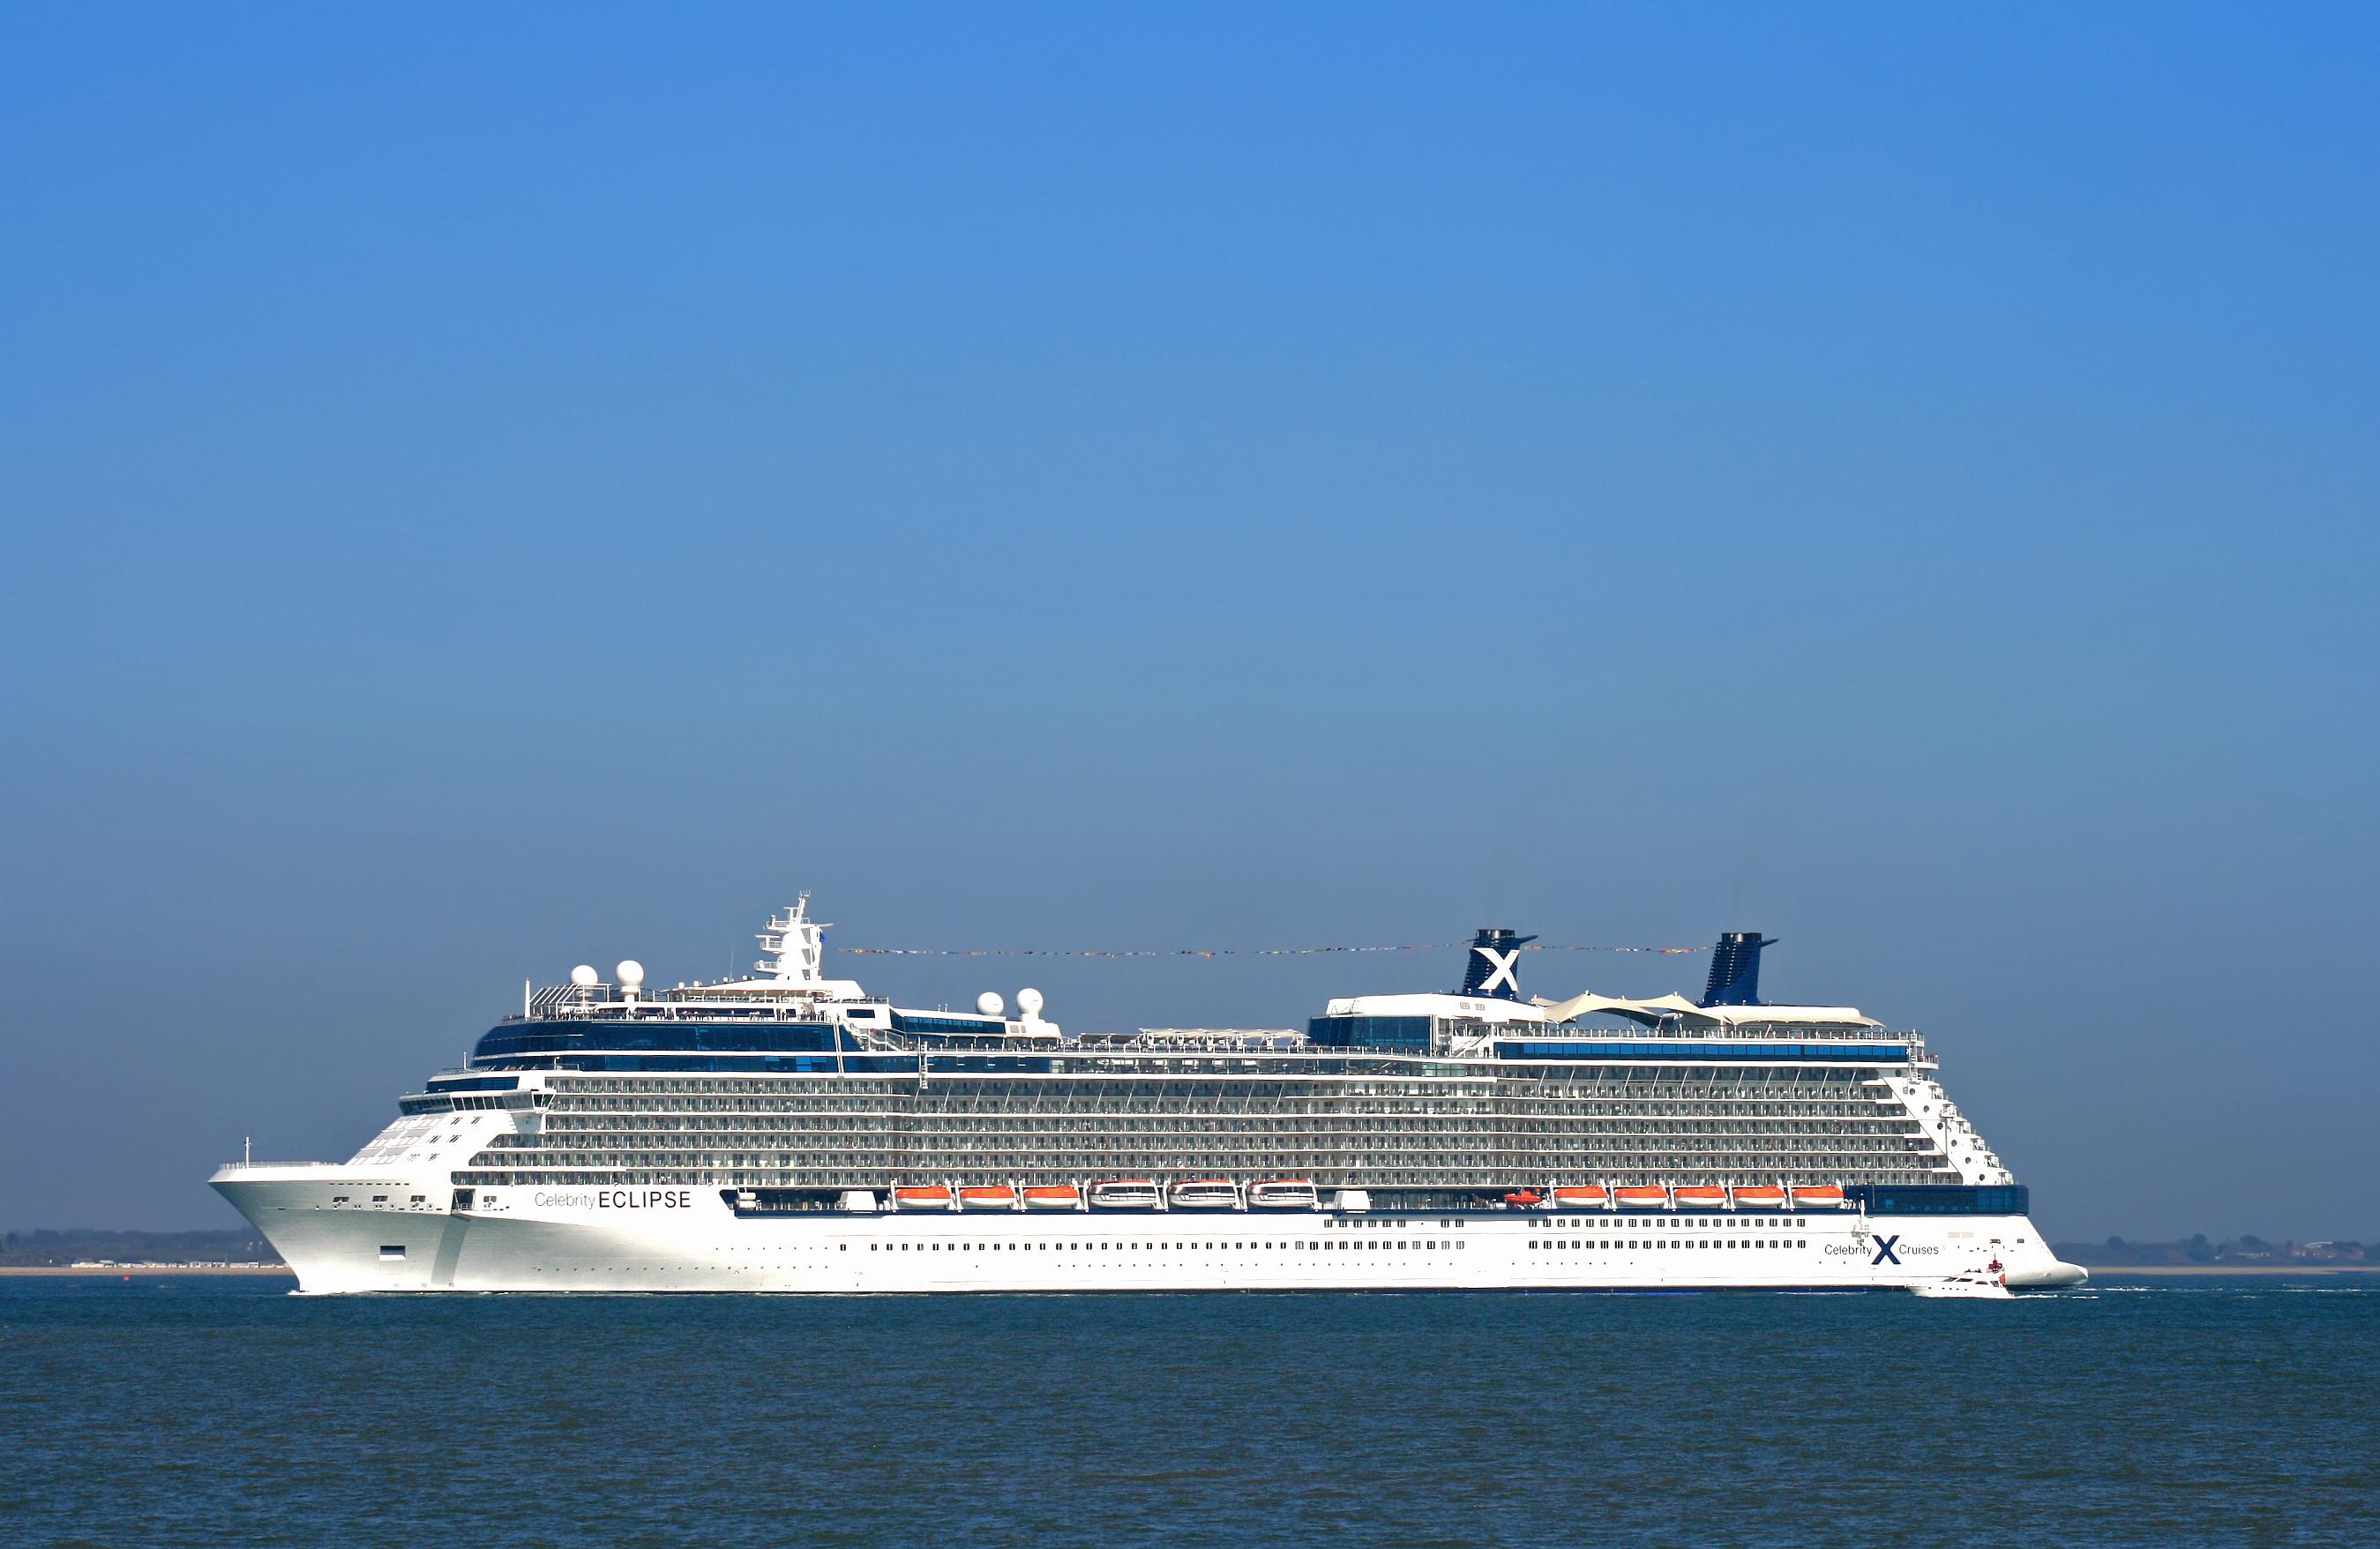 Celebrity Cruises (@CelebrityCruise) | Twitter